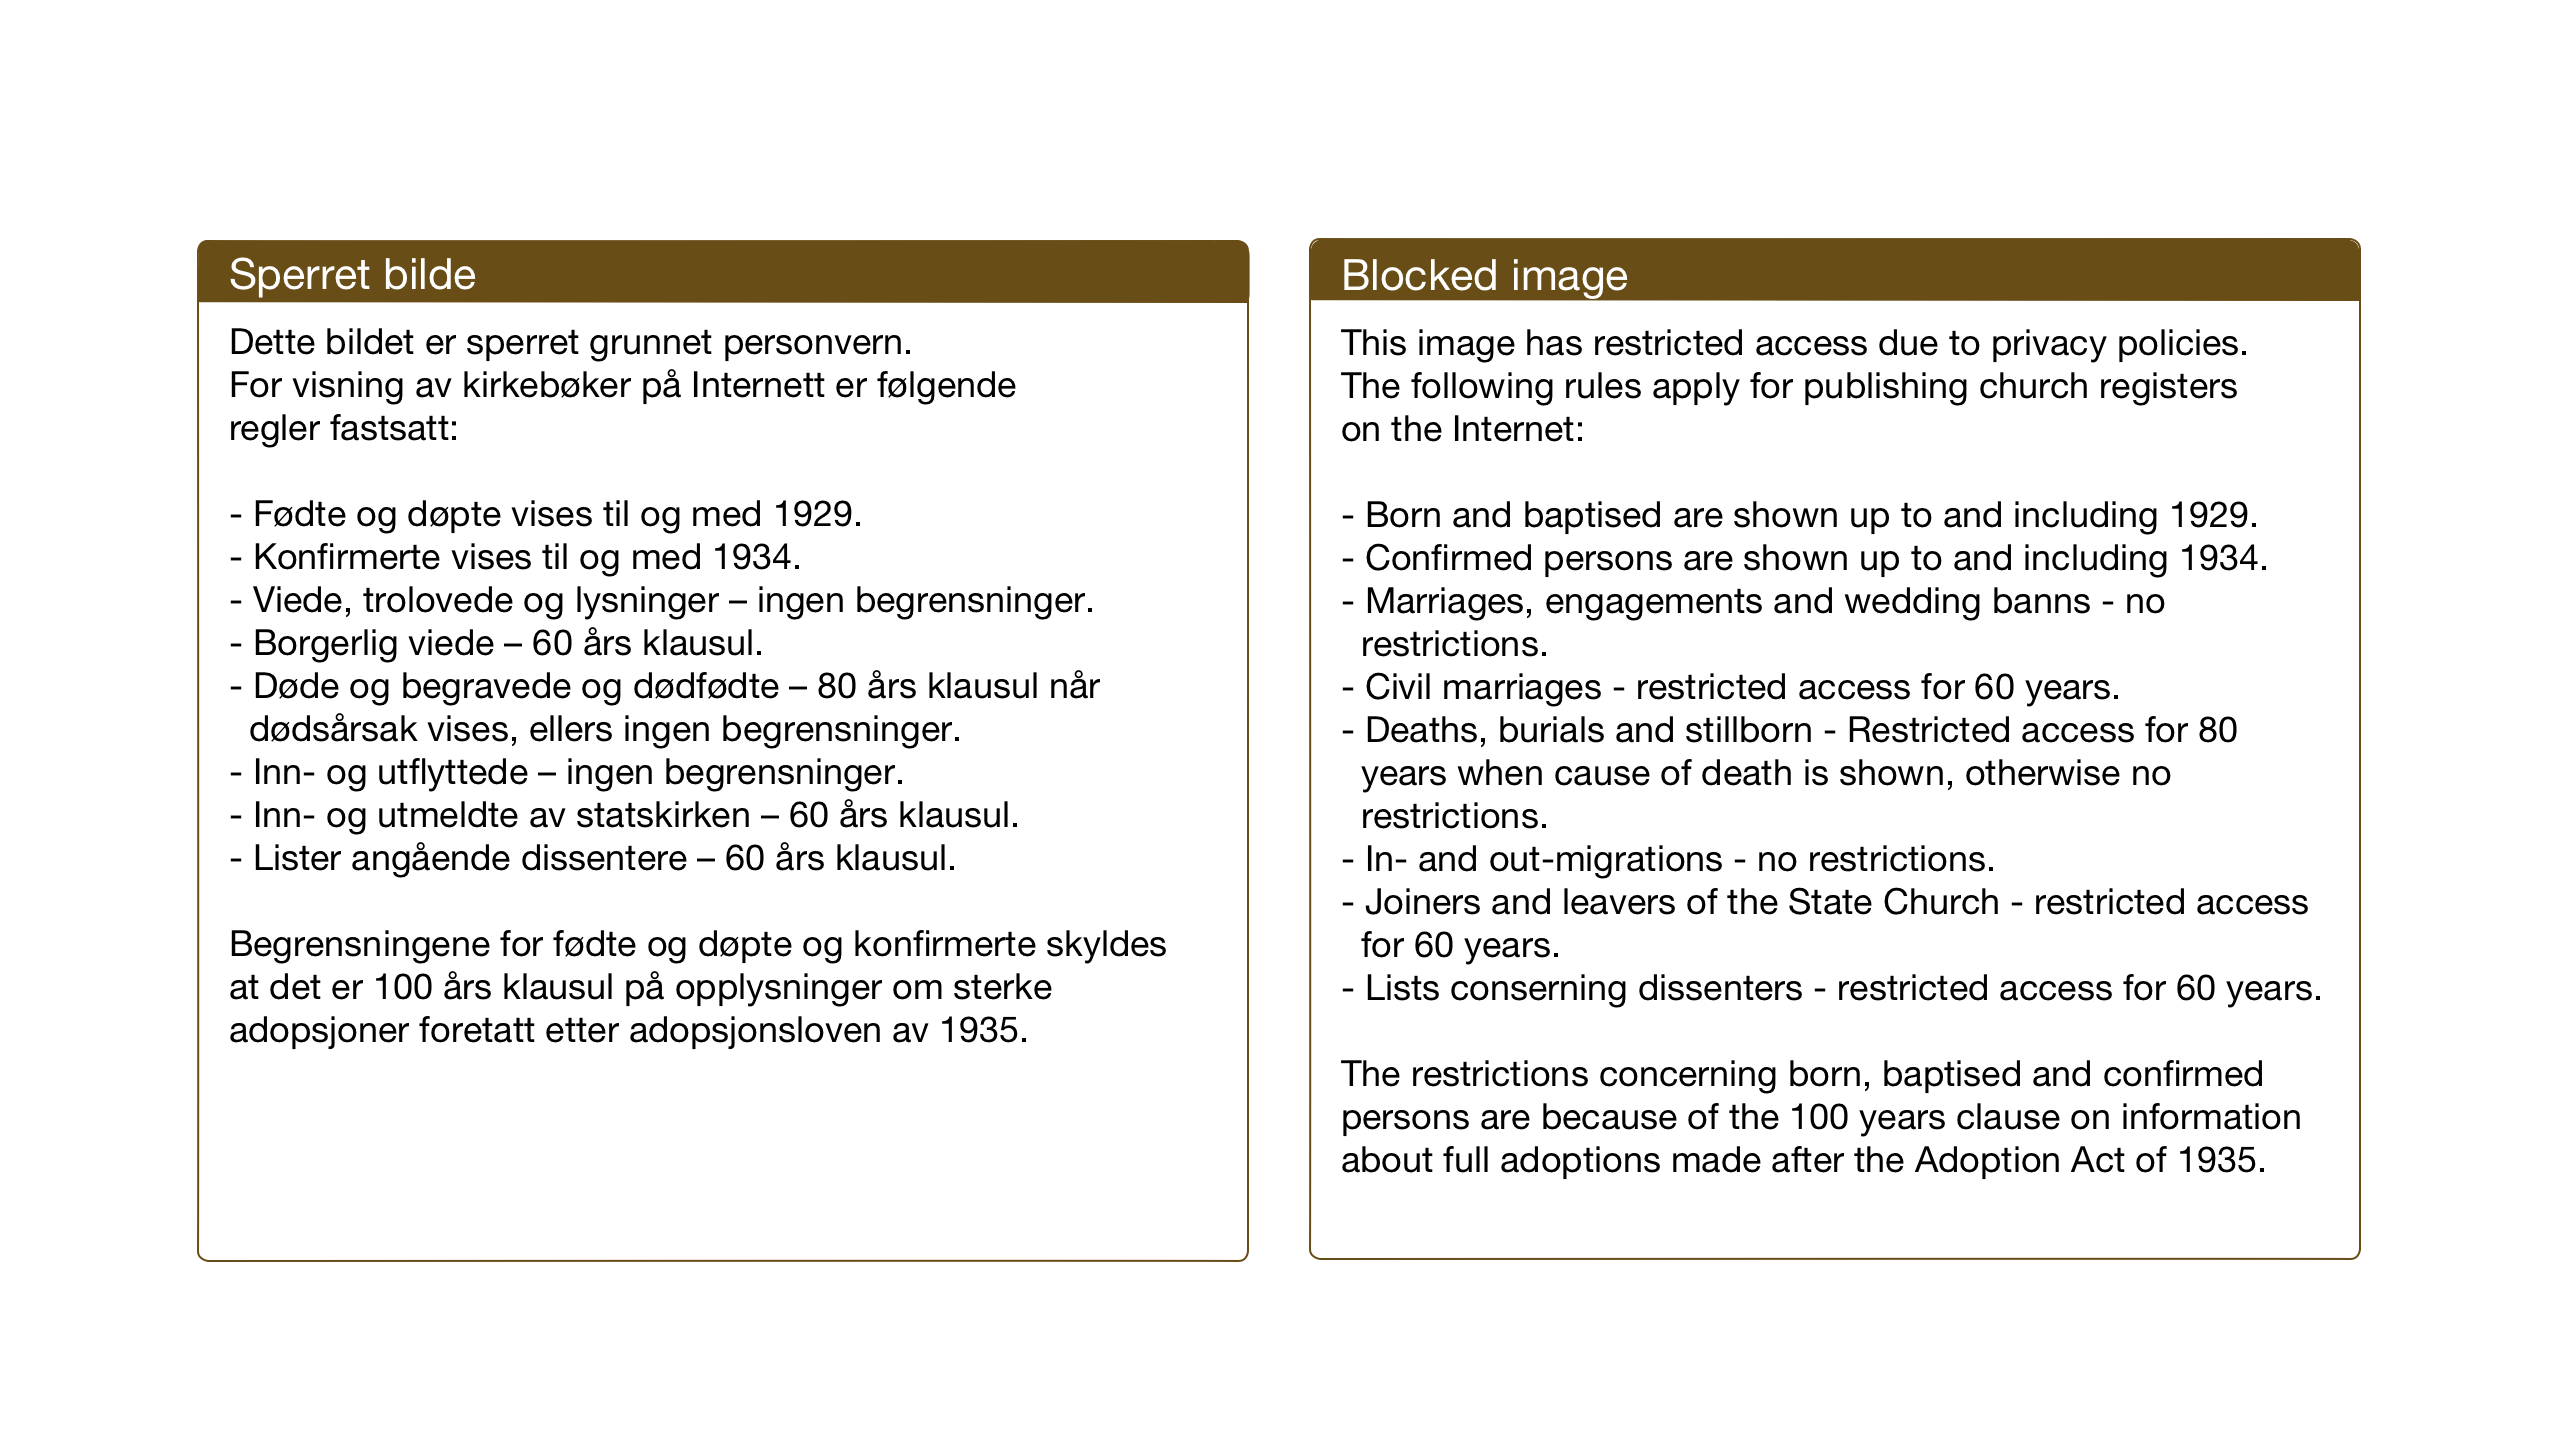 SAT, Ministerialprotokoller, klokkerbøker og fødselsregistre - Nord-Trøndelag, 701/L0019: Klokkerbok nr. 701C03, 1930-1953, s. 67